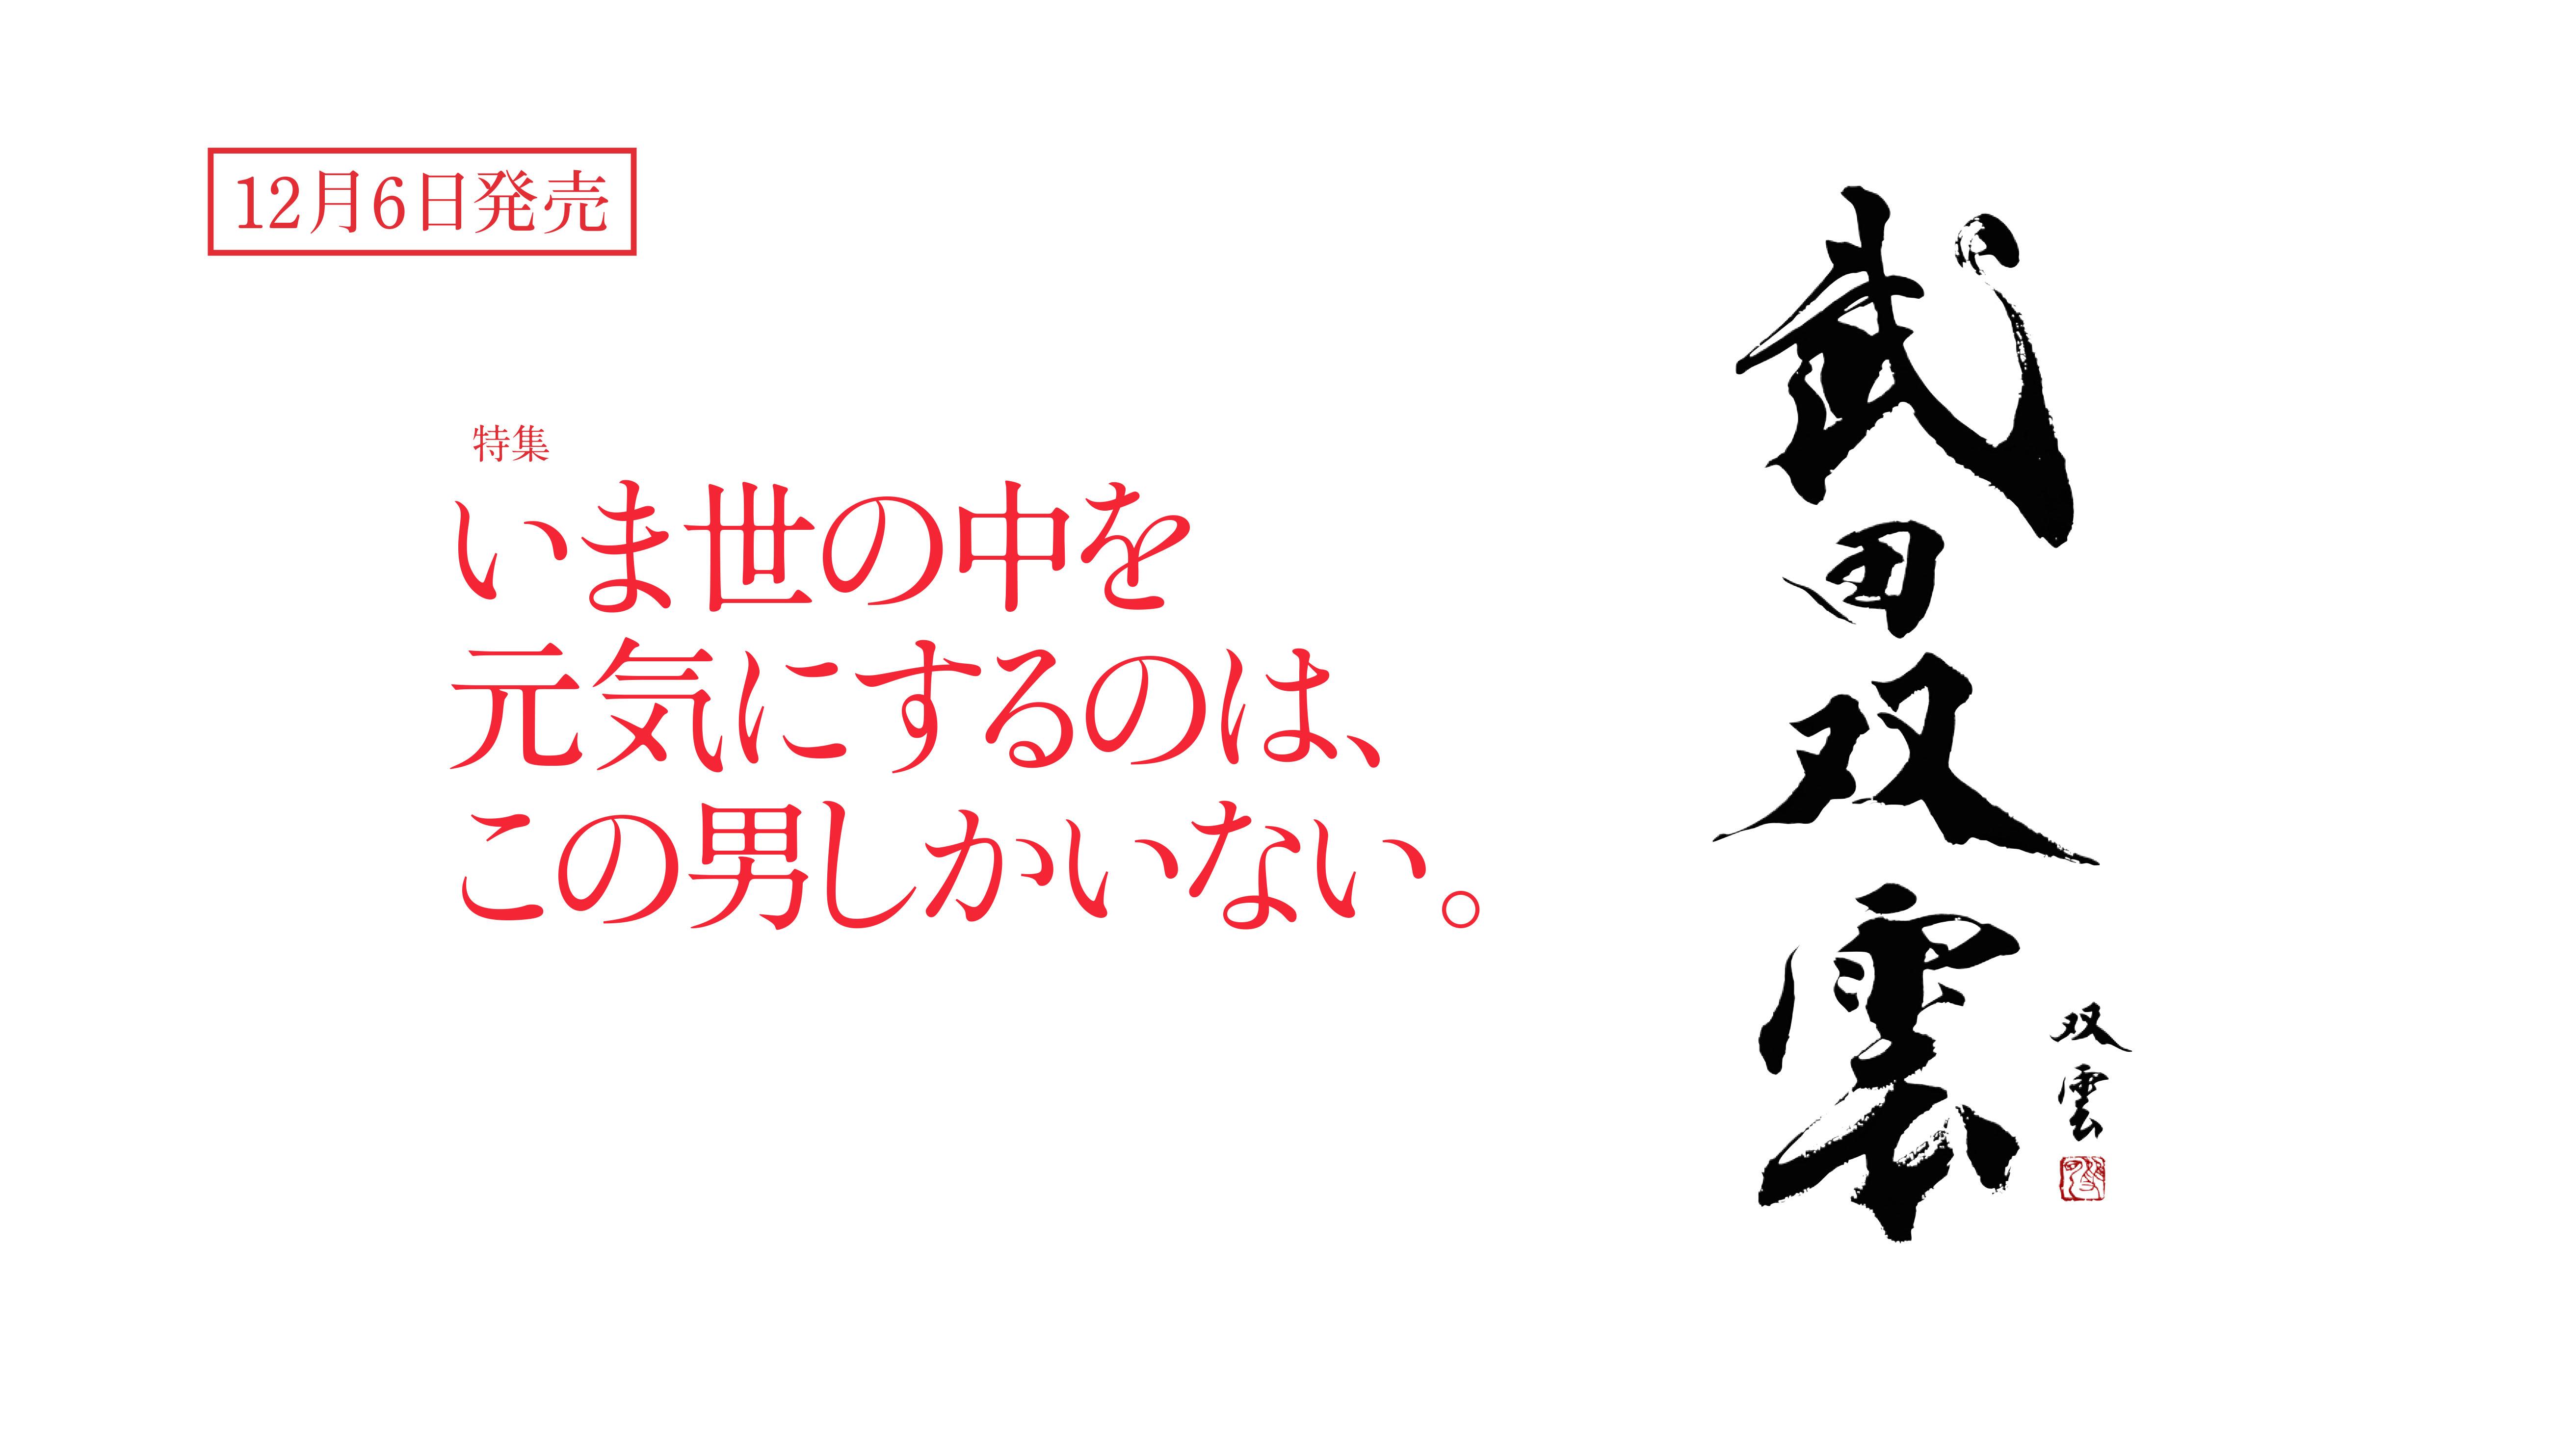 特集:いま世の中を元気にするのは、この男しかいない。<br/>【12/6発売】Discover Japan1月号